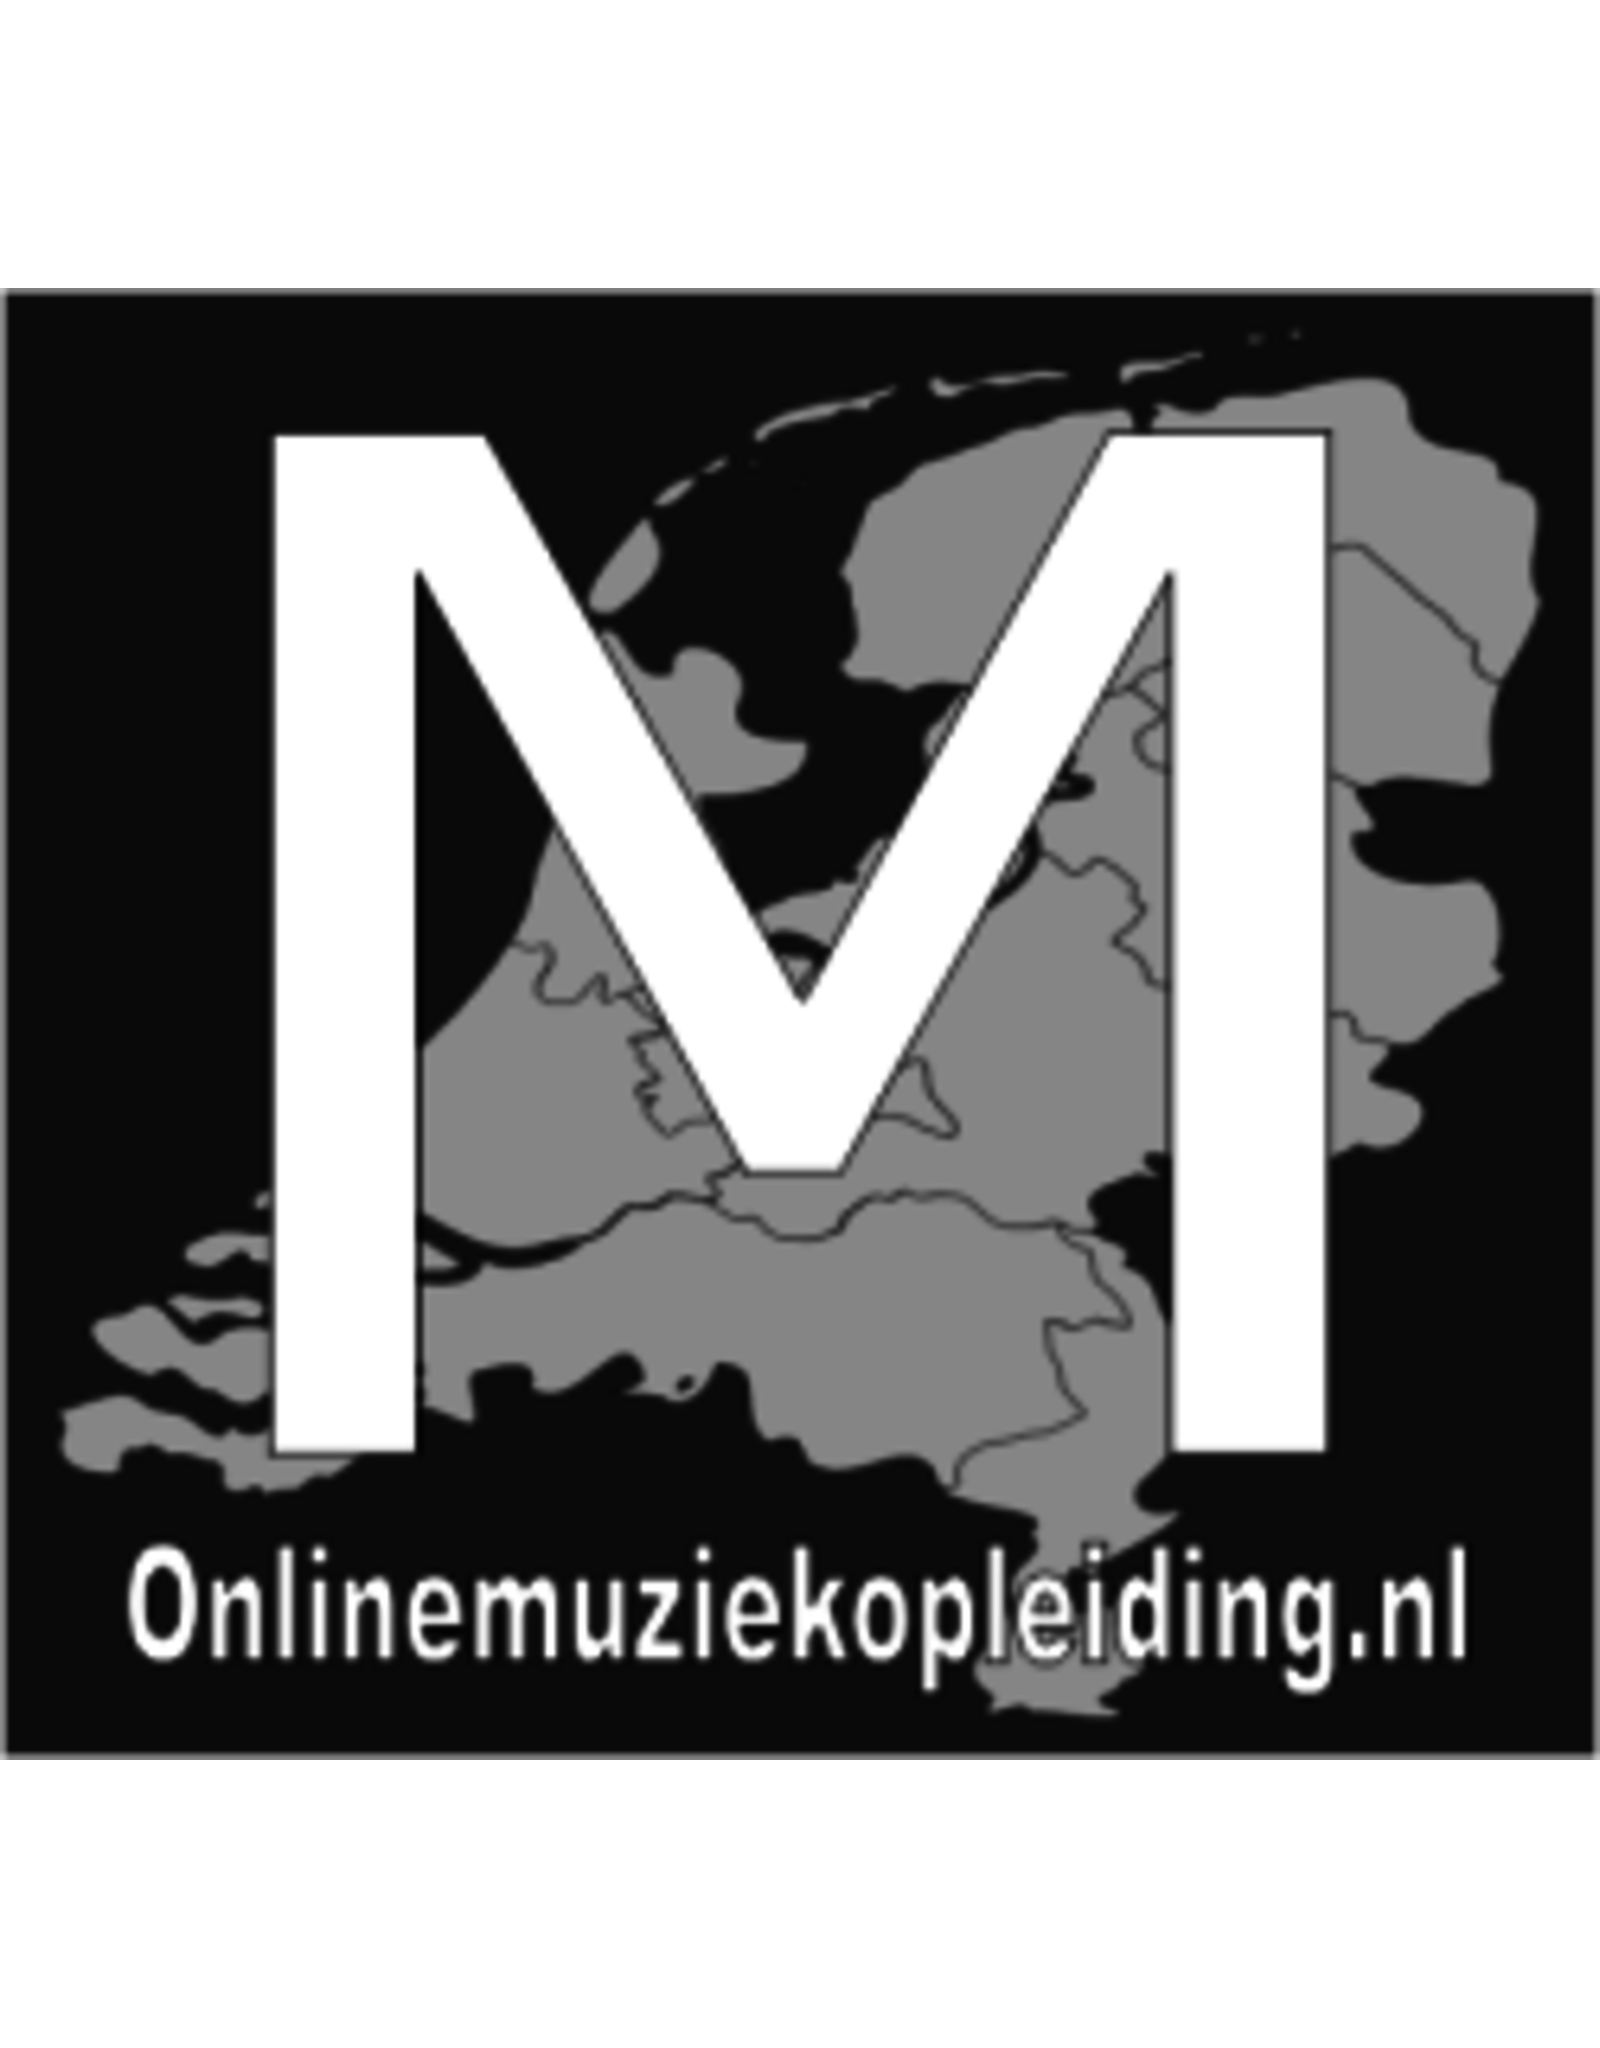 Online Muziekopleiding Basgitaarlessen onder de 21 jaar door Online Muziekopleiding, muziekles via je webcam